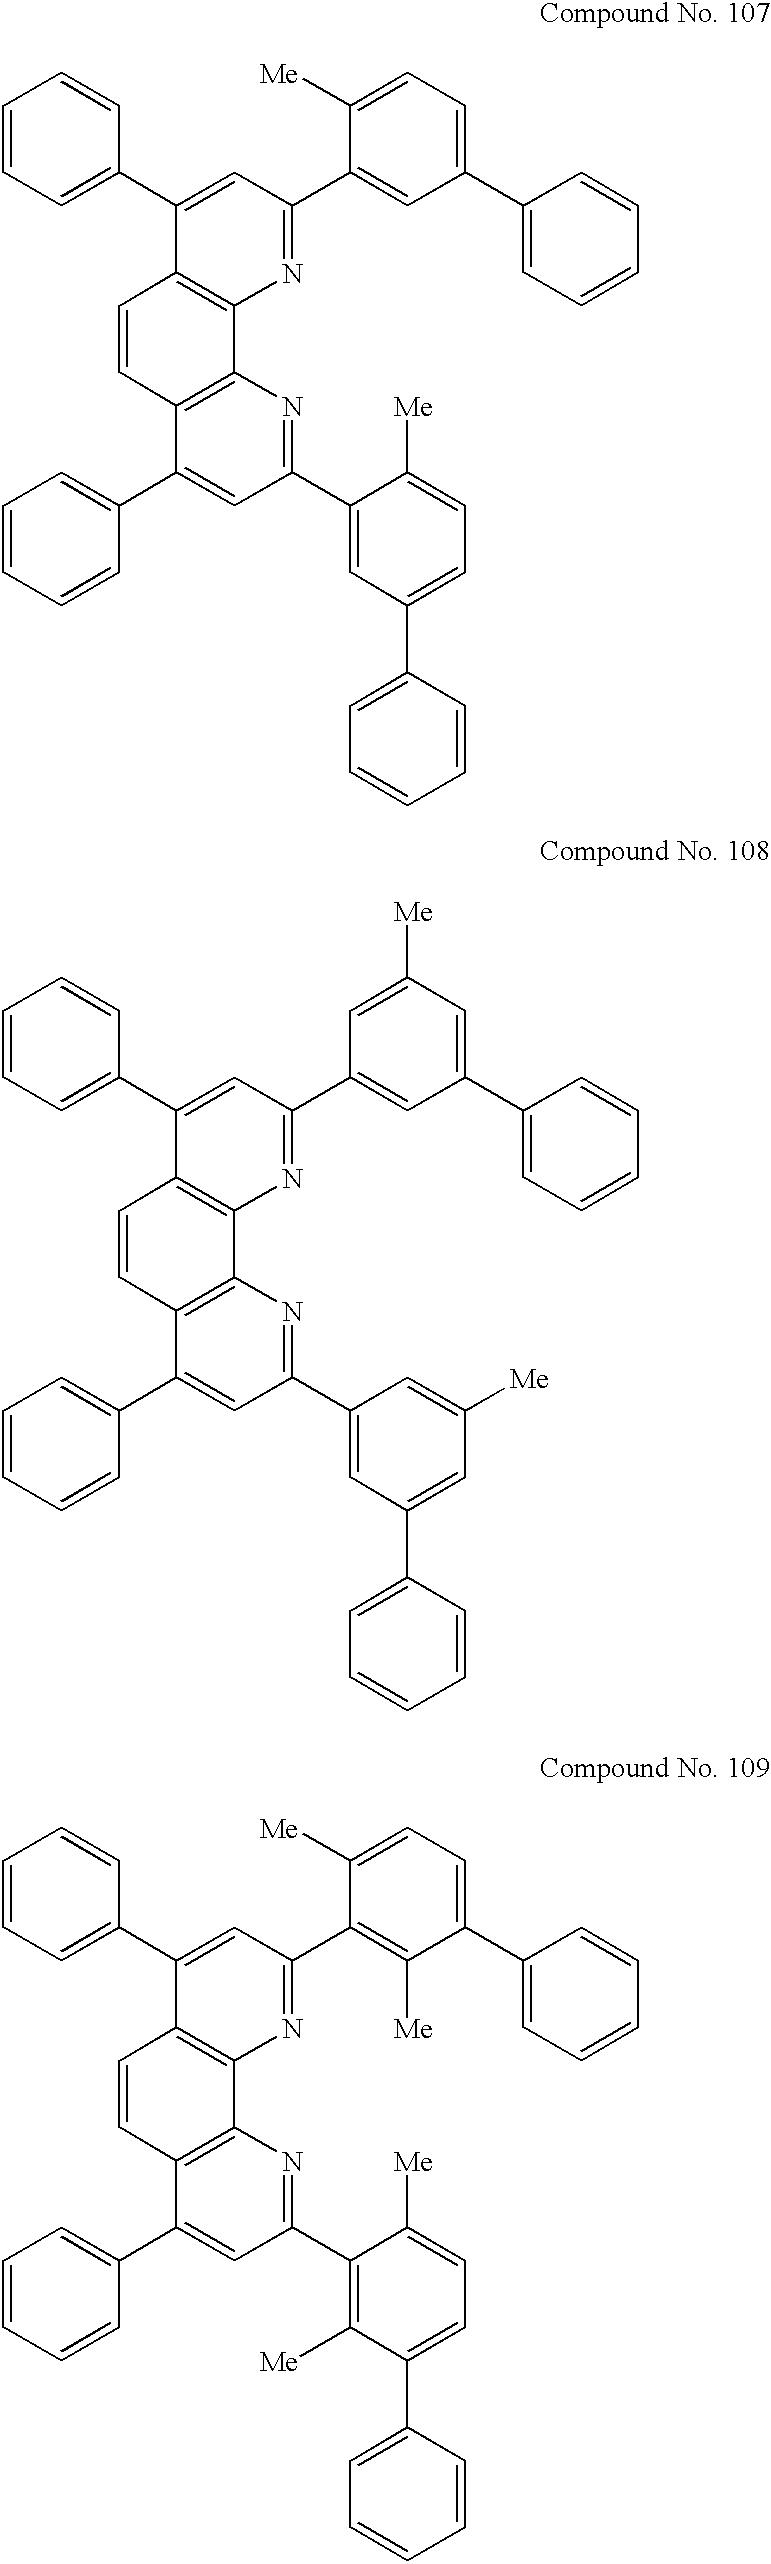 Figure US06524728-20030225-C00032